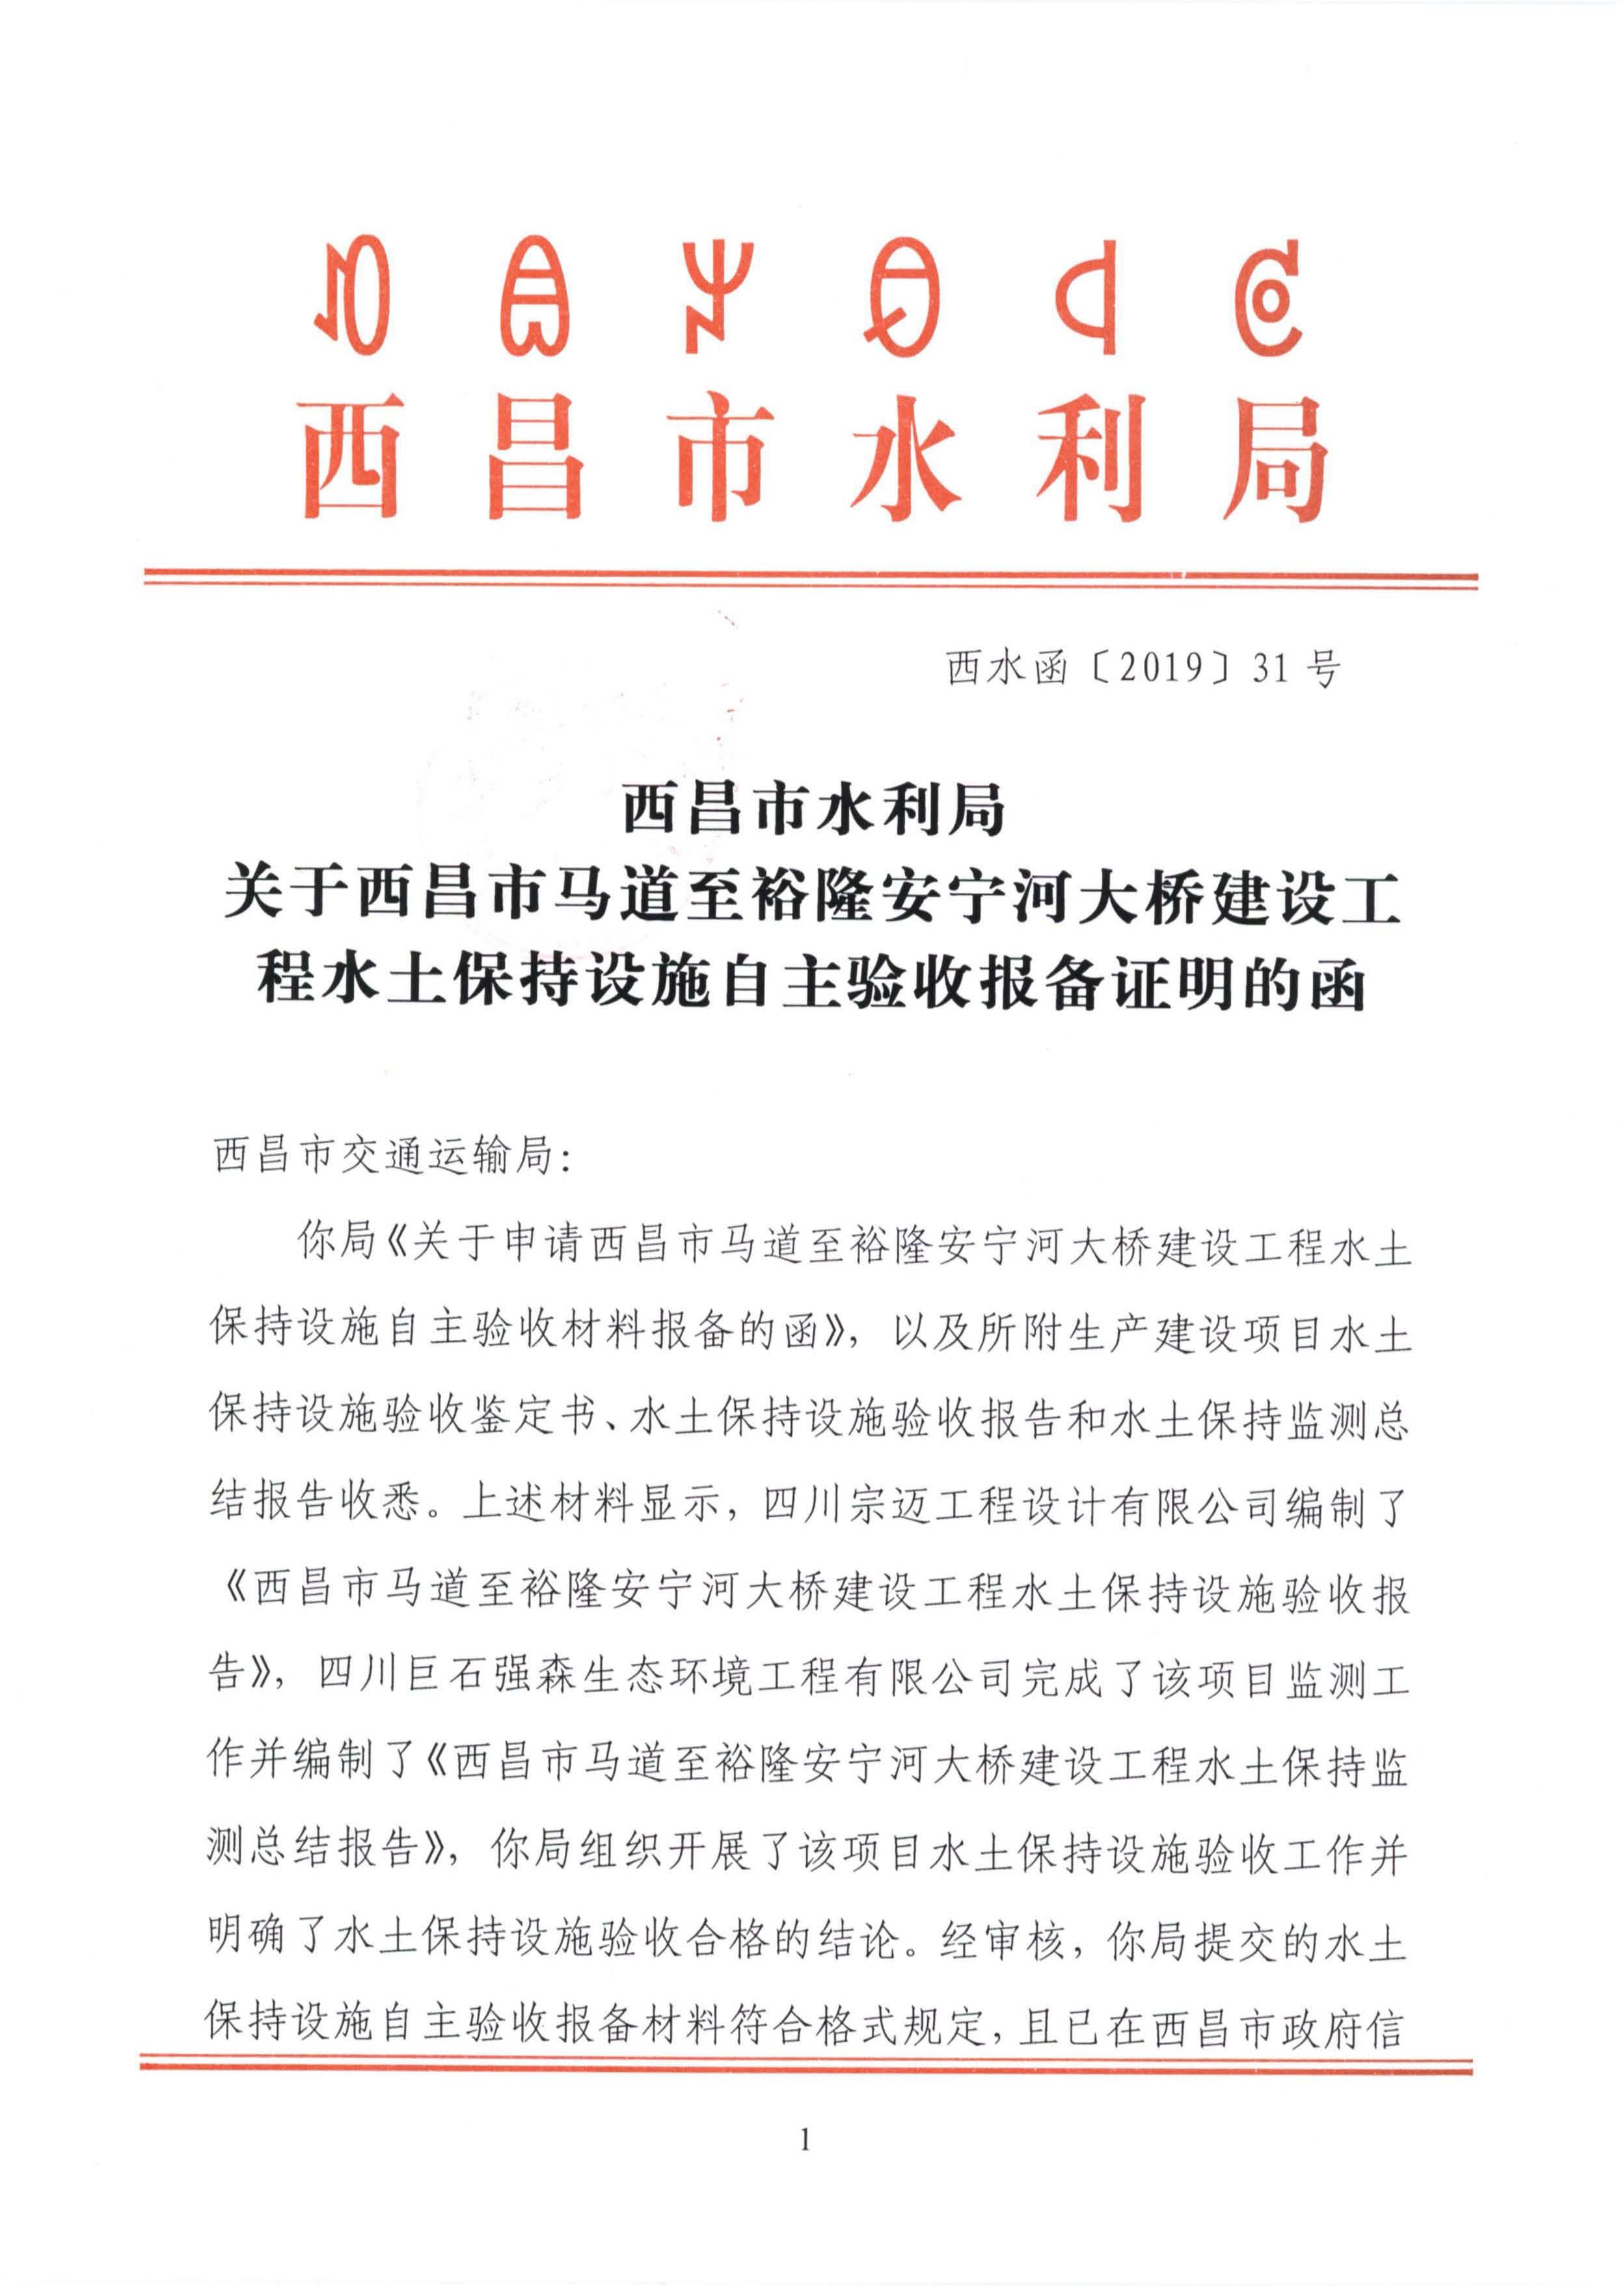 西昌市马道至裕隆安宁河大桥建设工程验收 批复_页面_1.jpg